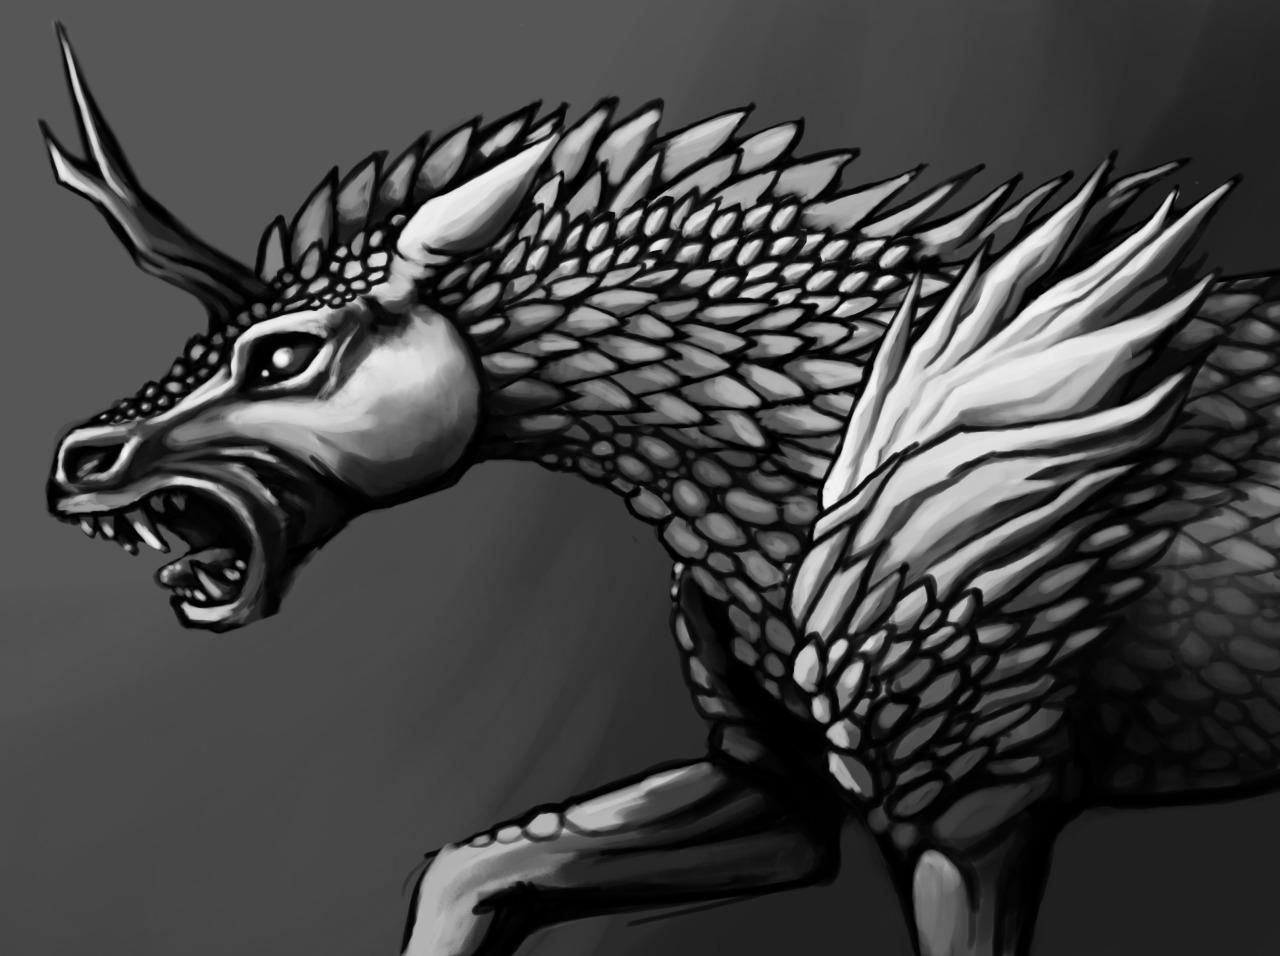 Flesh-eating Unicorn